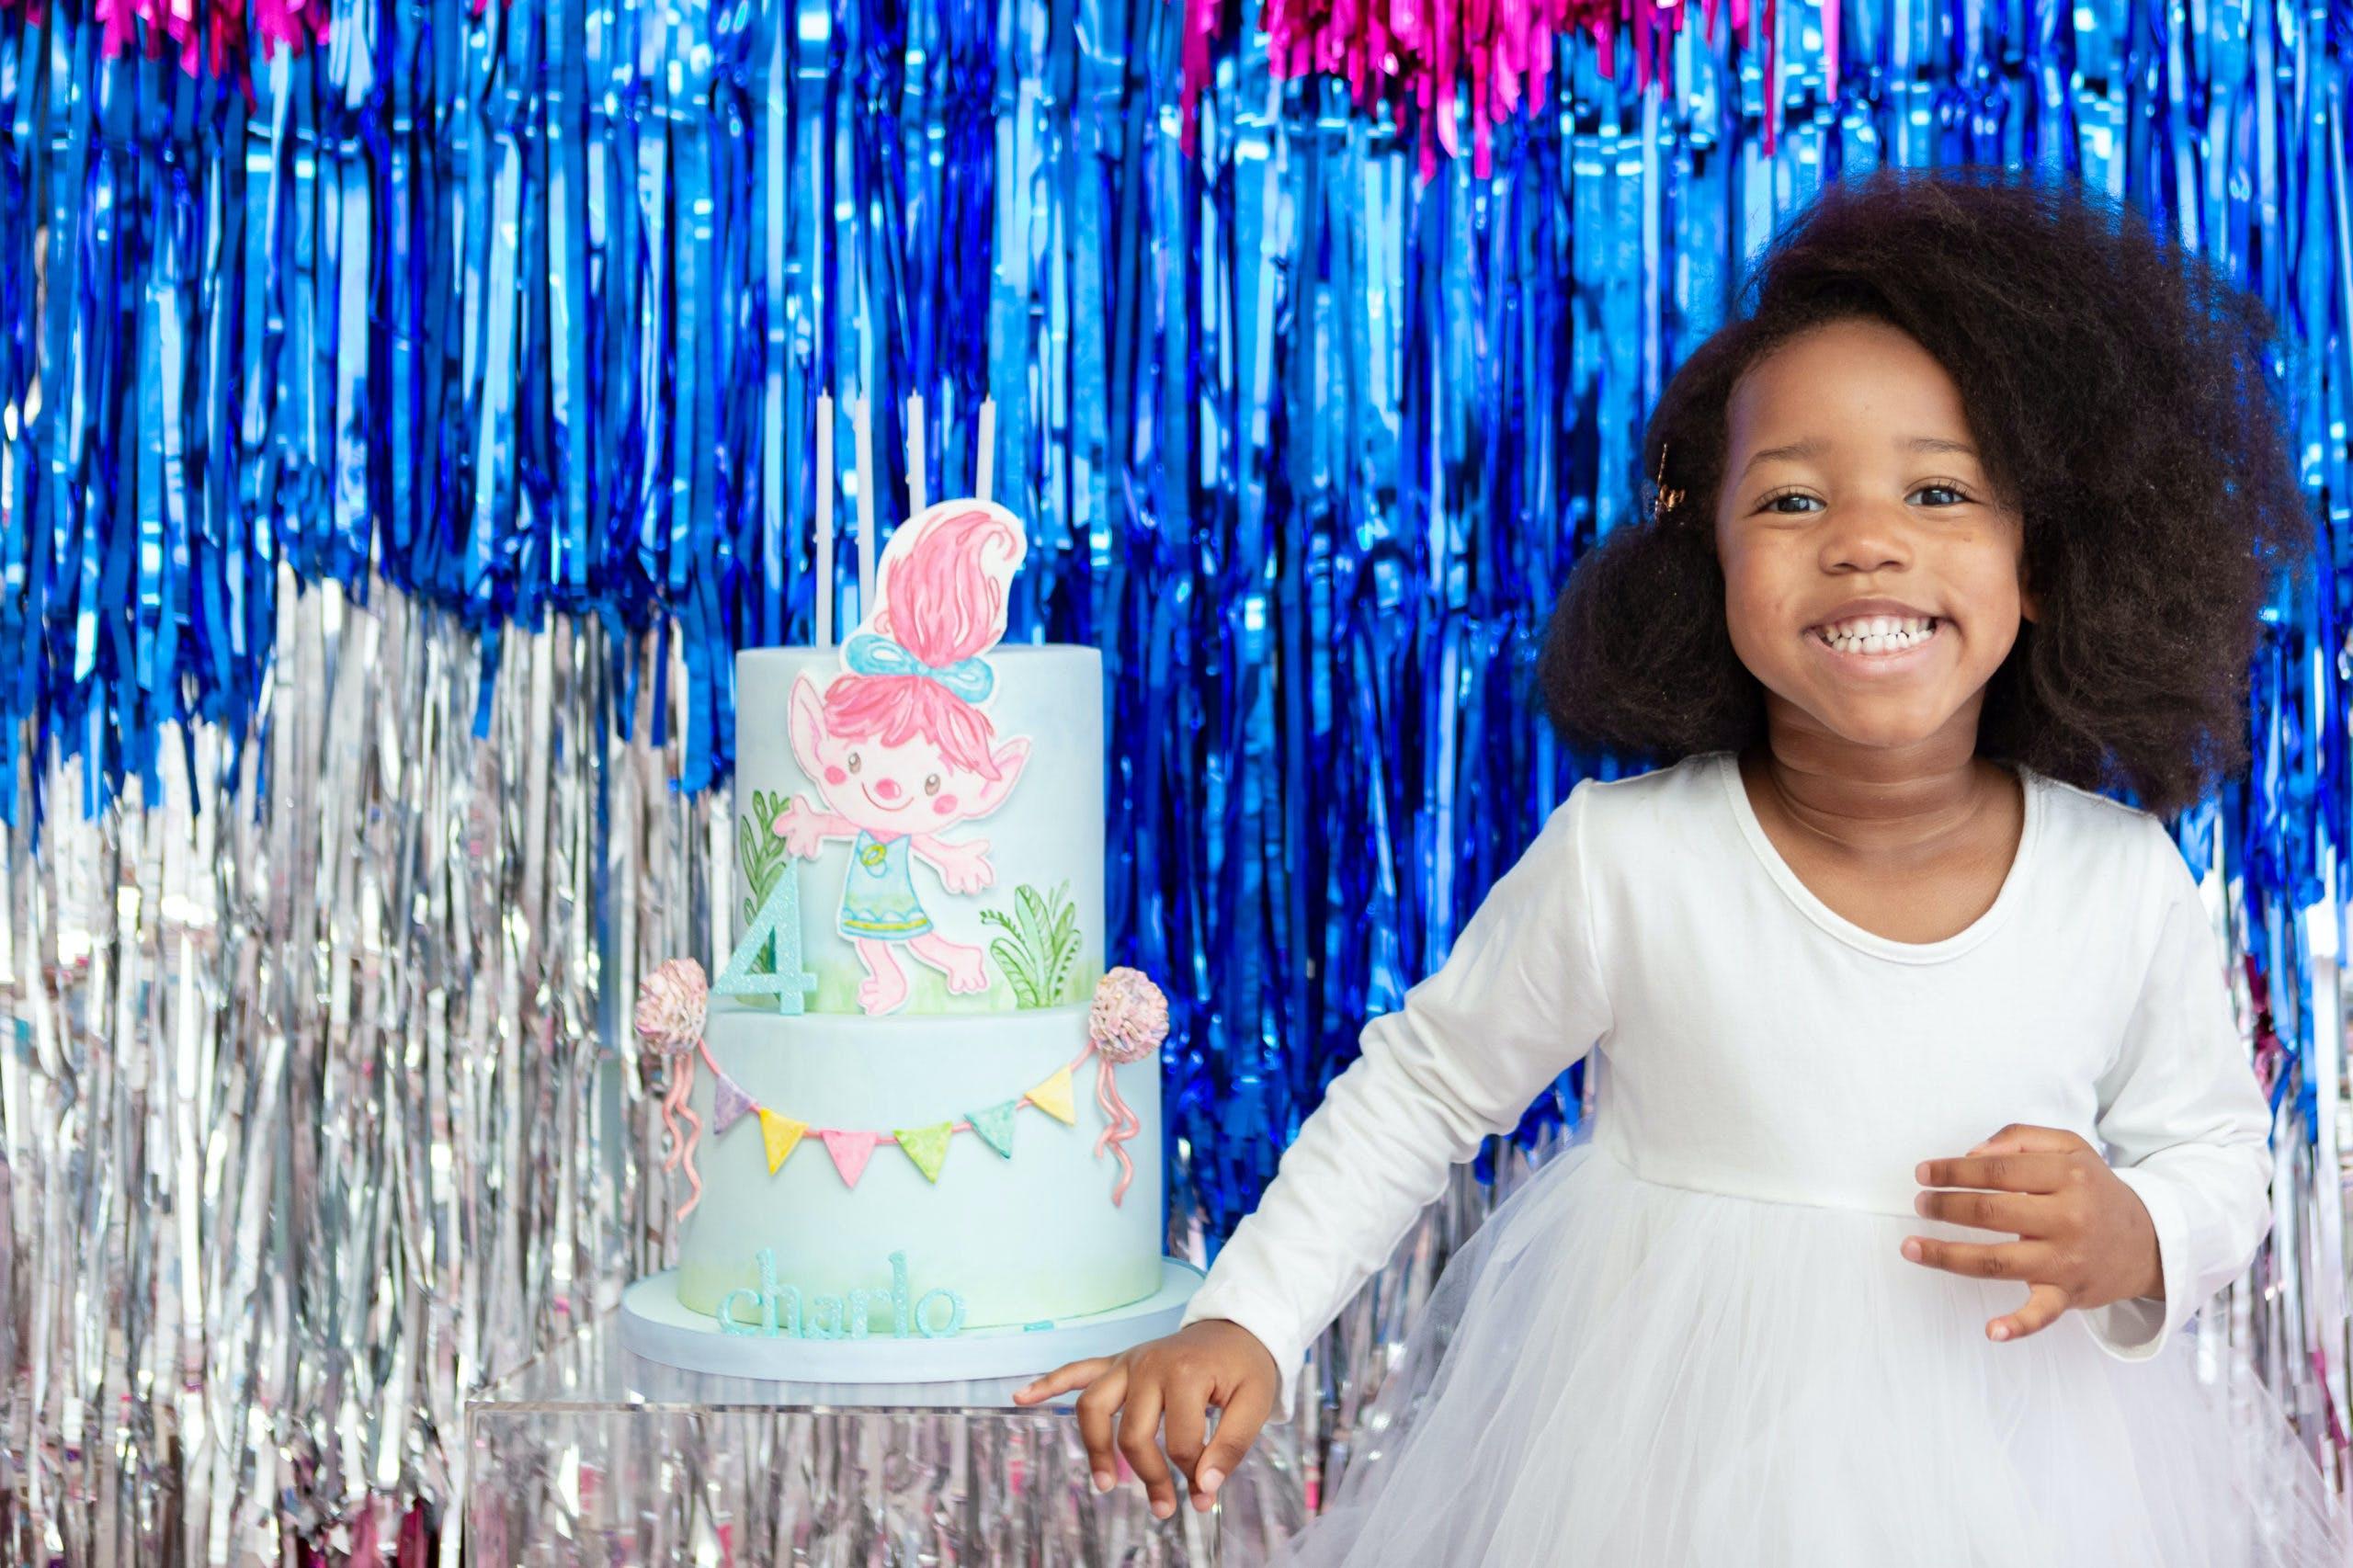 Vibrant and Virtual Trollz Theme Birthday Party in Miami, Florida